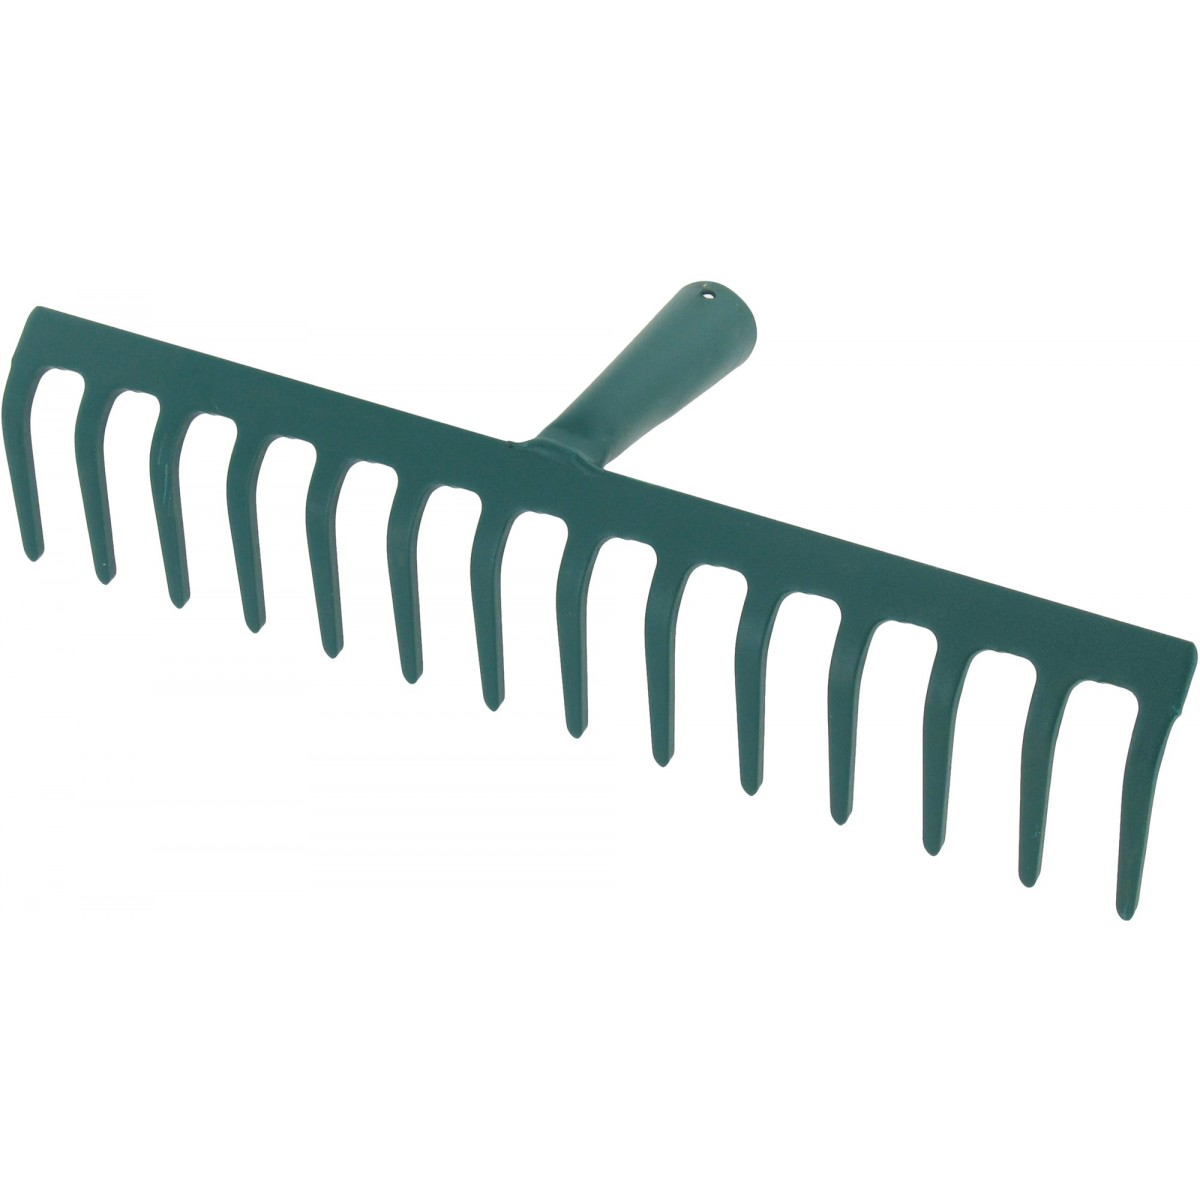 Râteau soudé dents courbes Cap Vert - Sans manche 14 dents